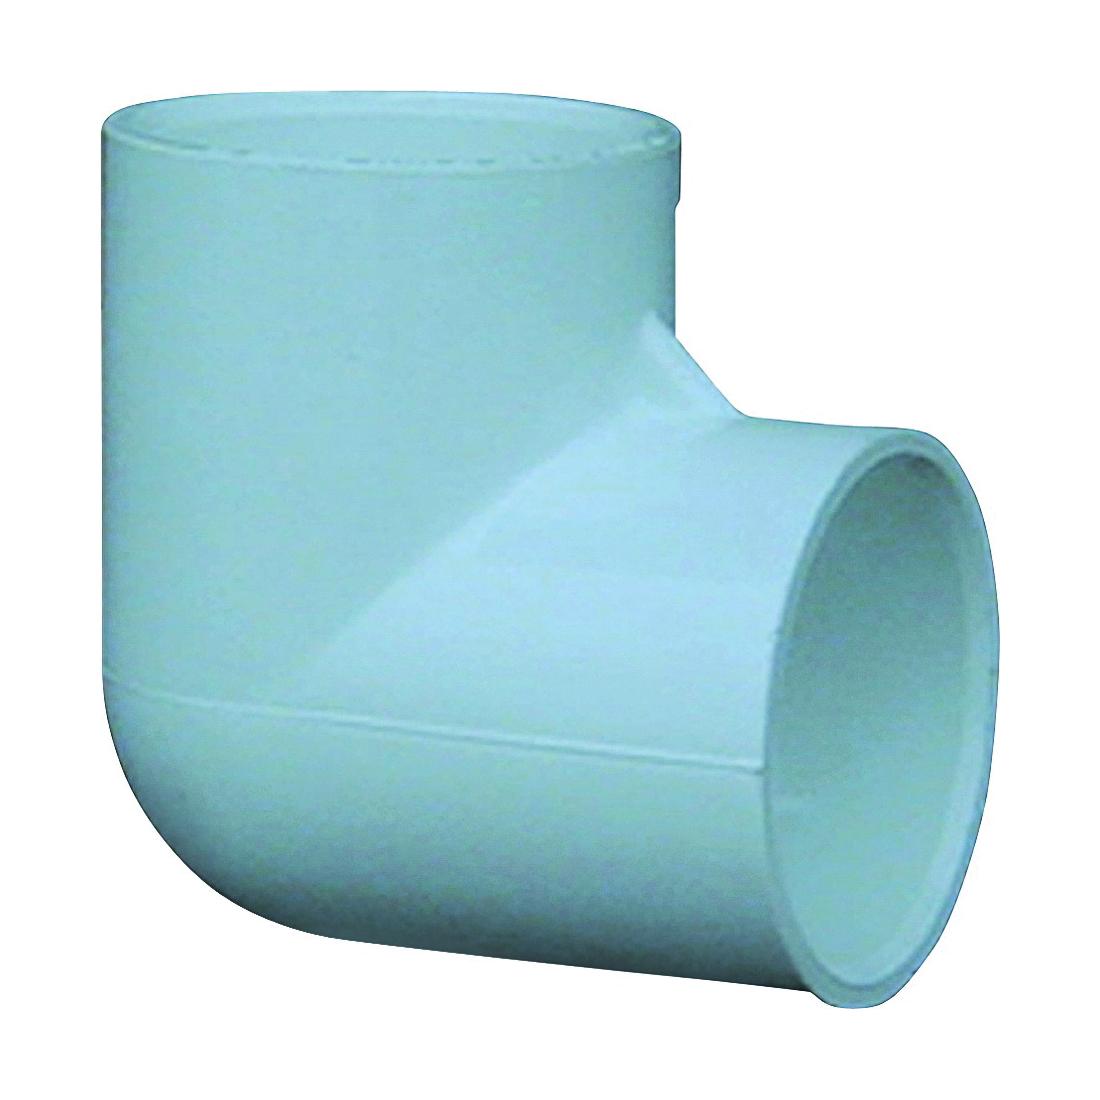 Picture of GENOVA 300 30705CP Pipe Elbow, 1/2 in, Slip, 90 deg Angle, PVC, White, SCH 40 Schedule